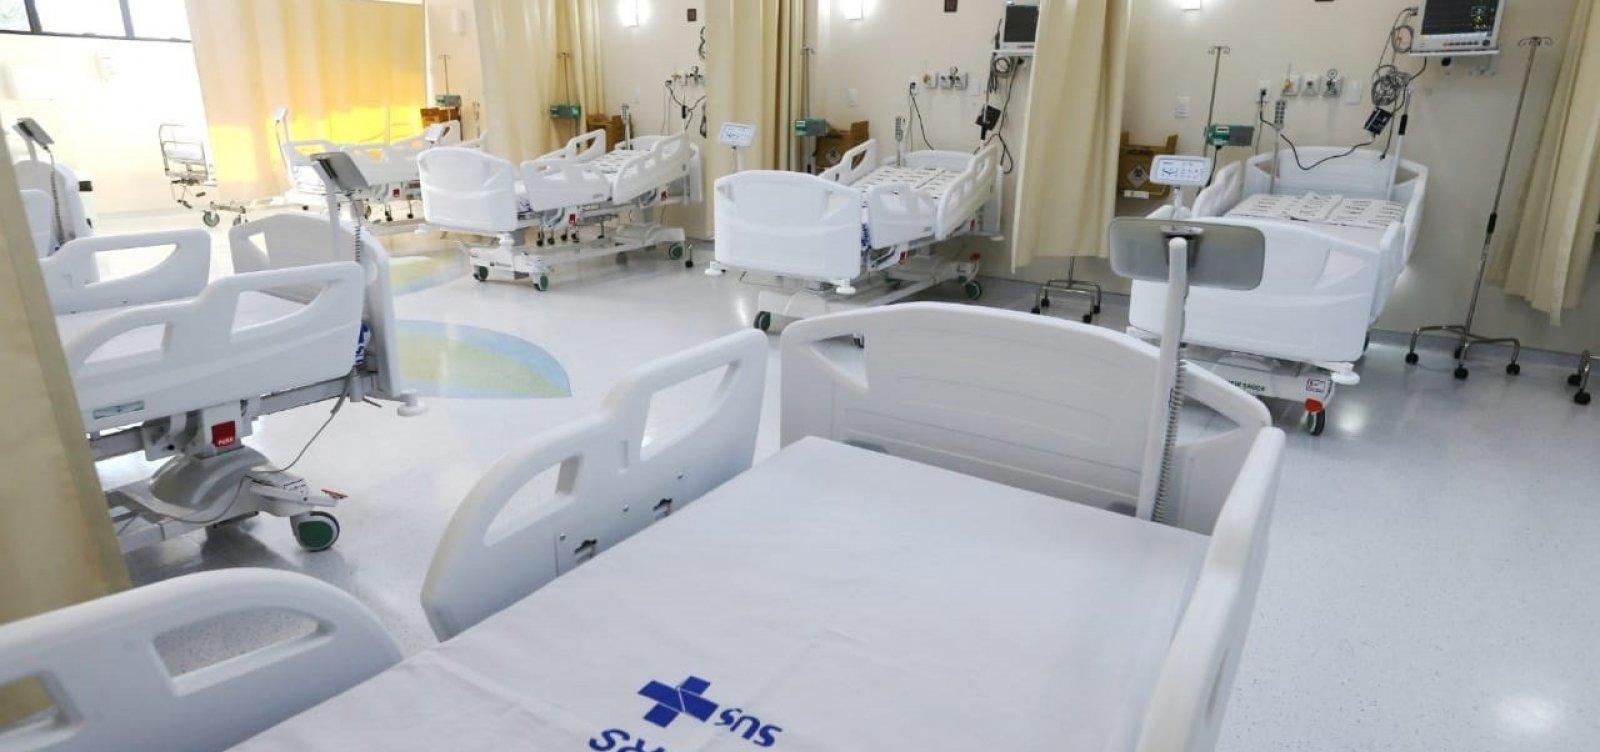 Quase 50% dos pacientes com Covid-19 em UTIs no Brasil morrem, diz estudo